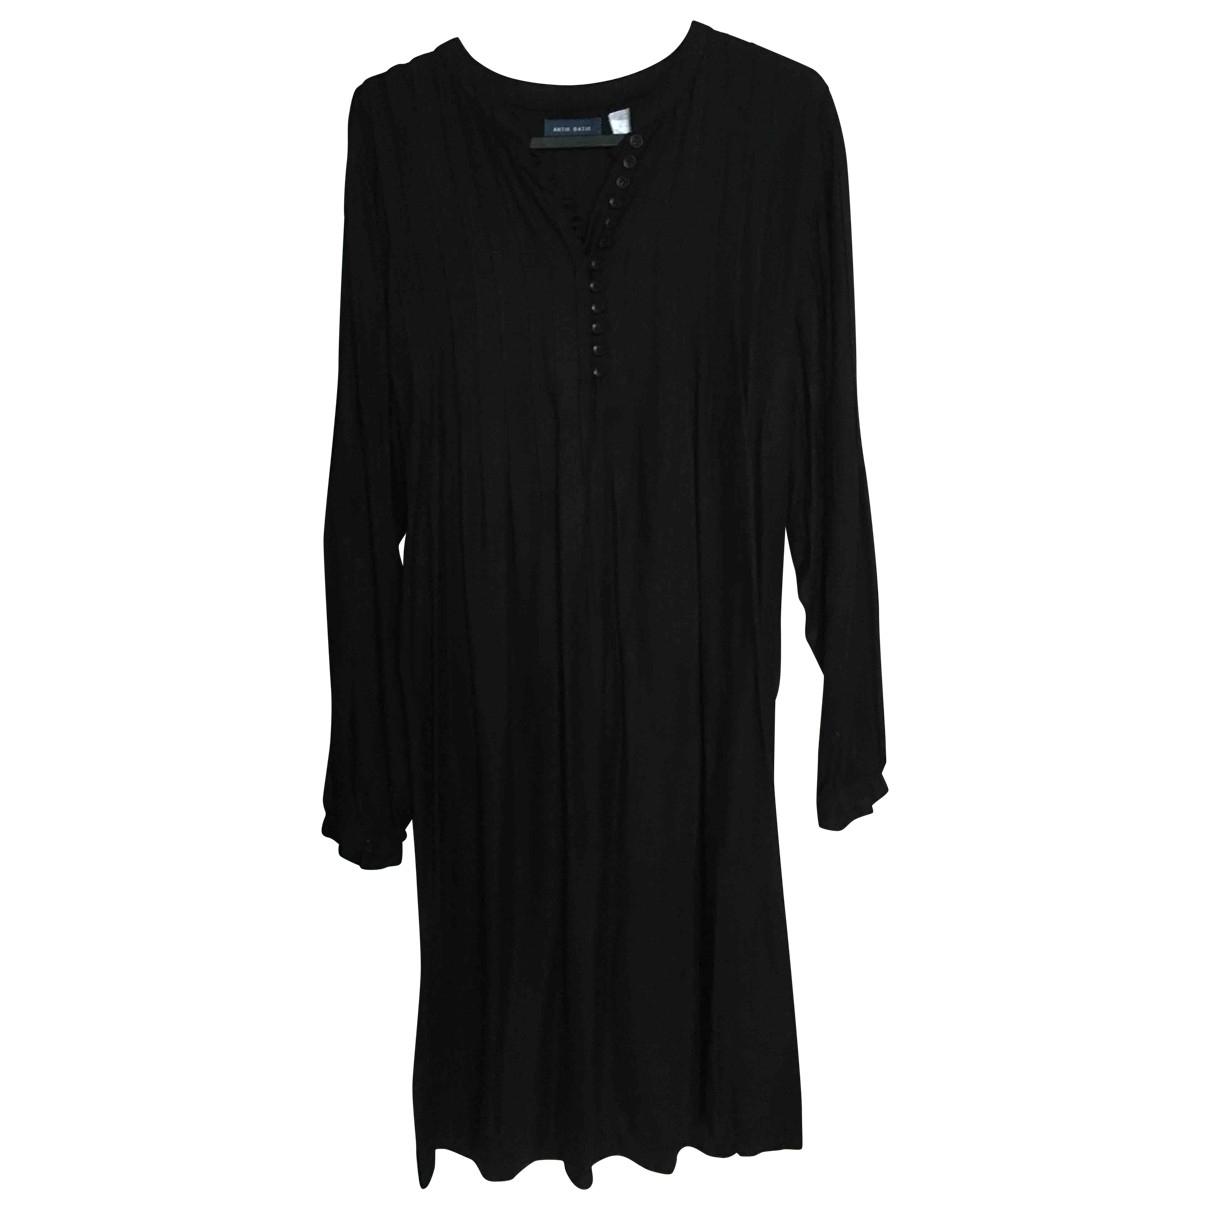 Antik Batik \N Kleid in  Schwarz Viskose